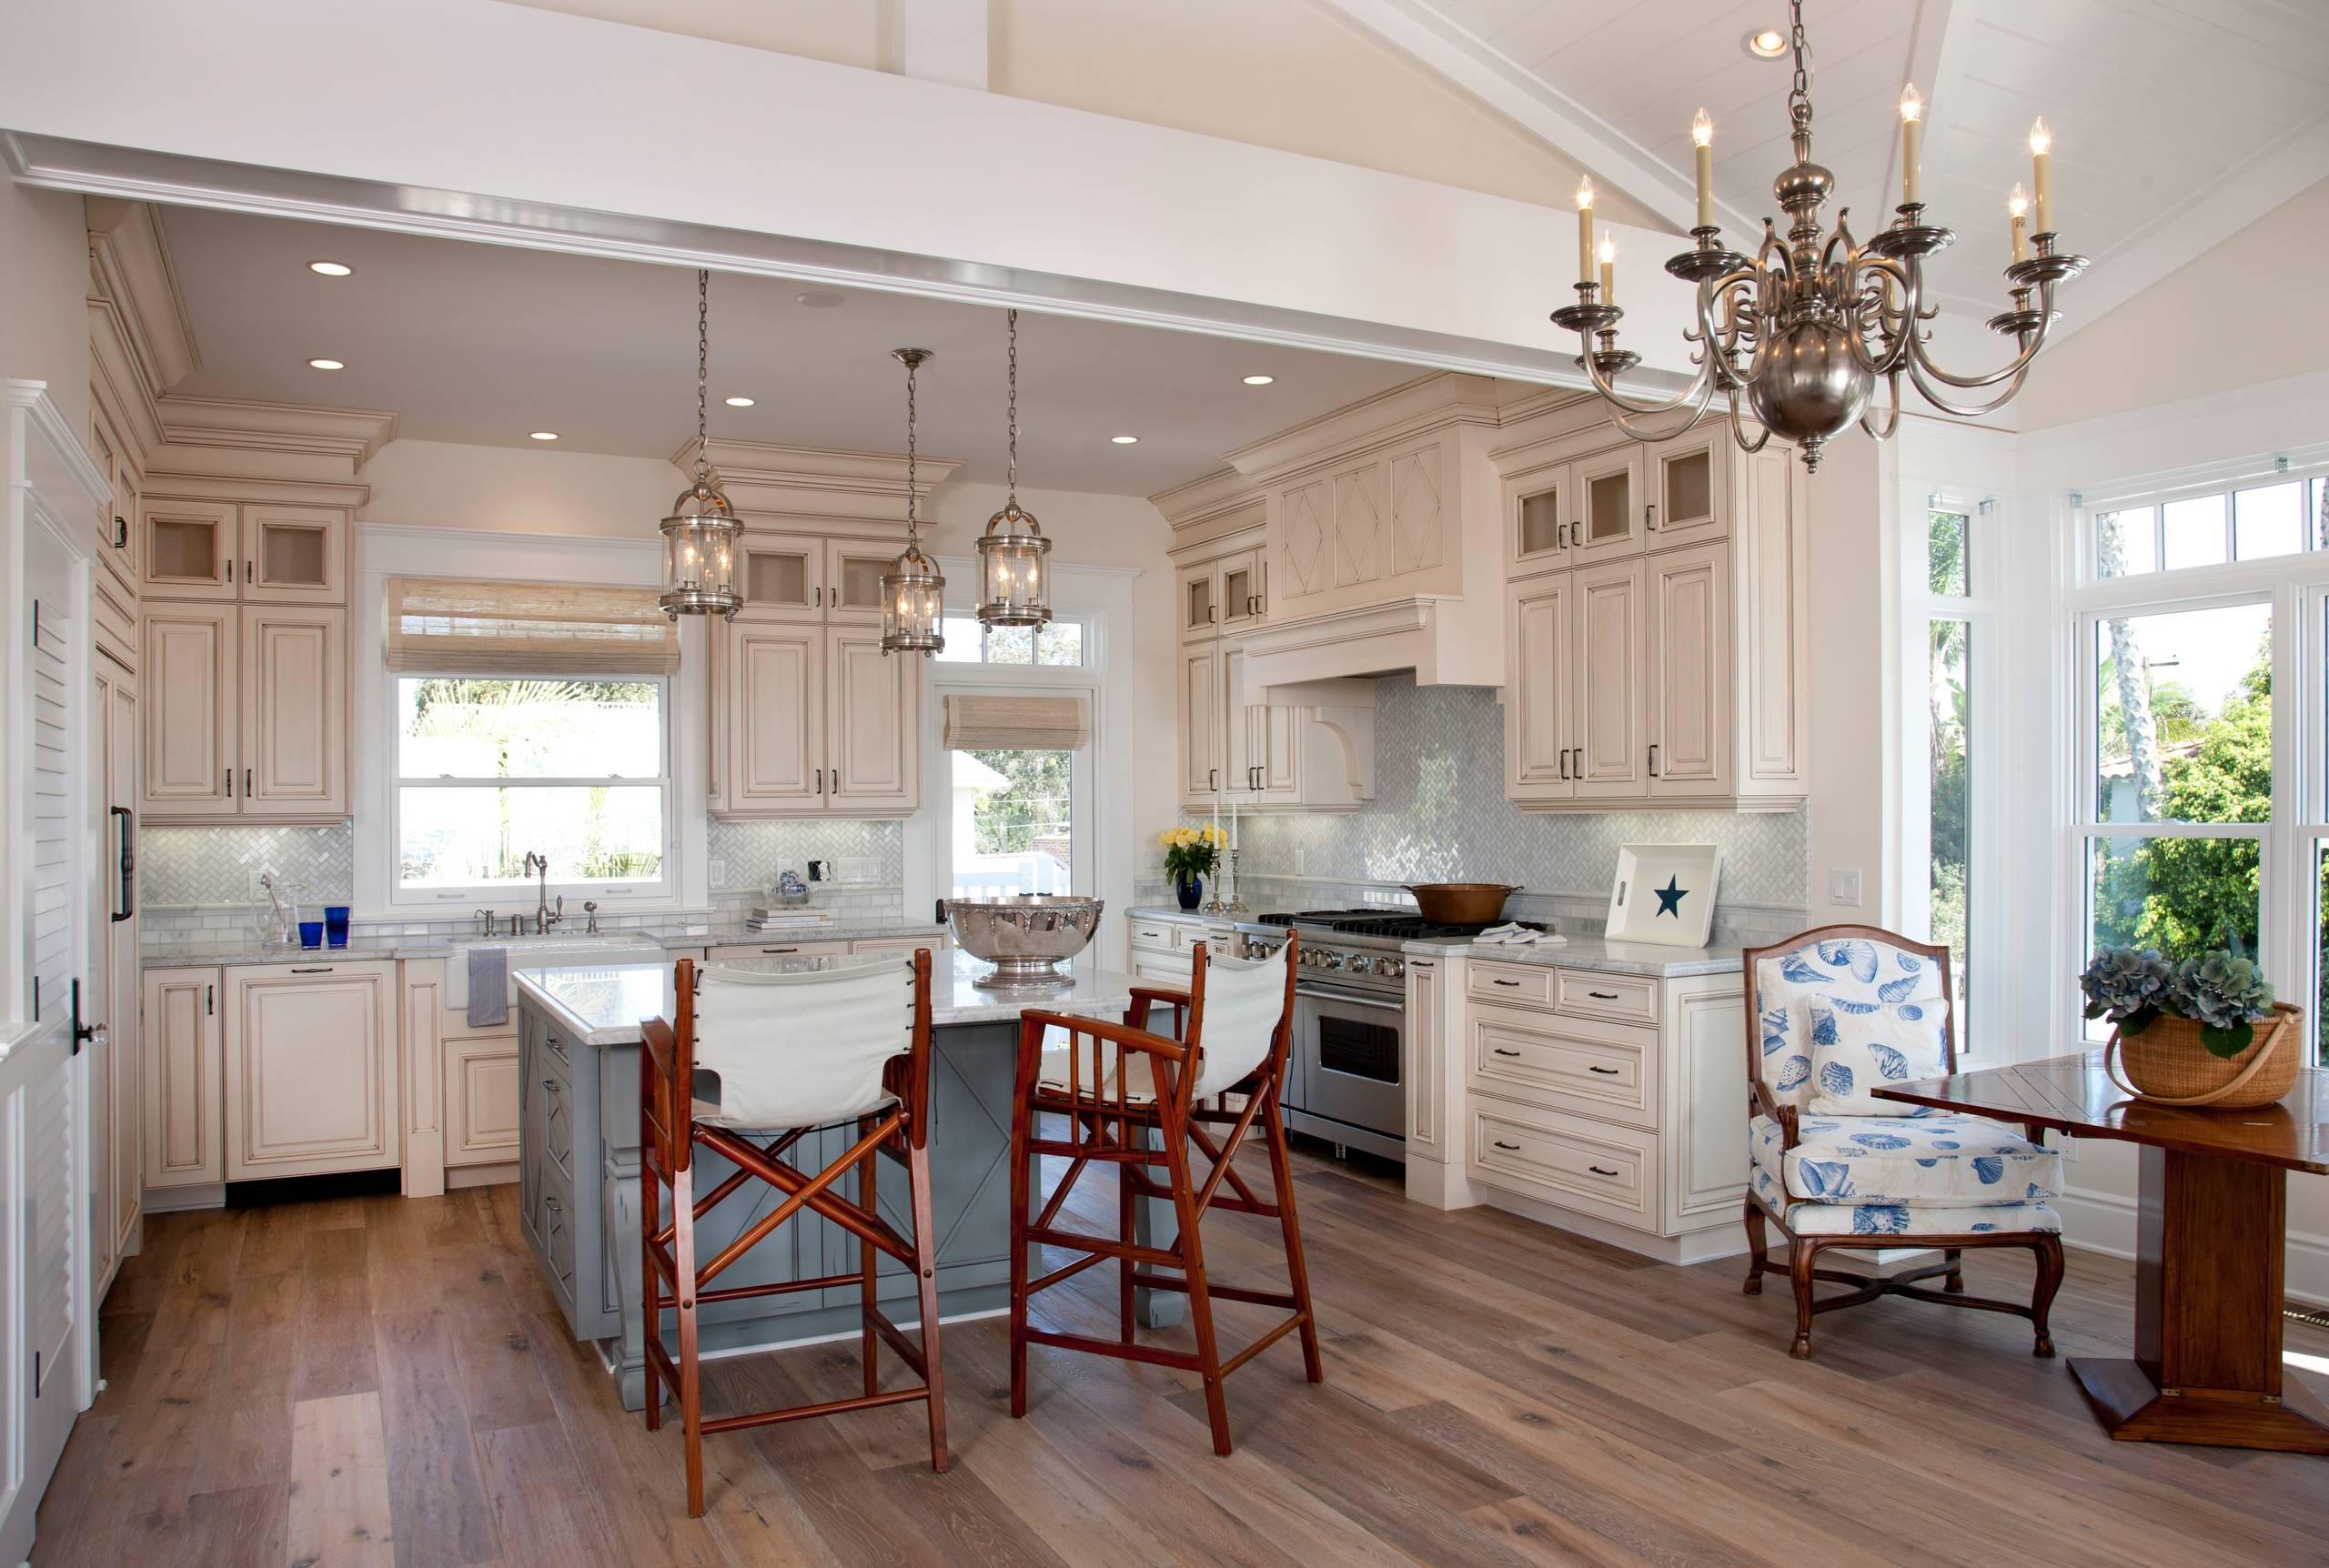 Ocean House kitchen